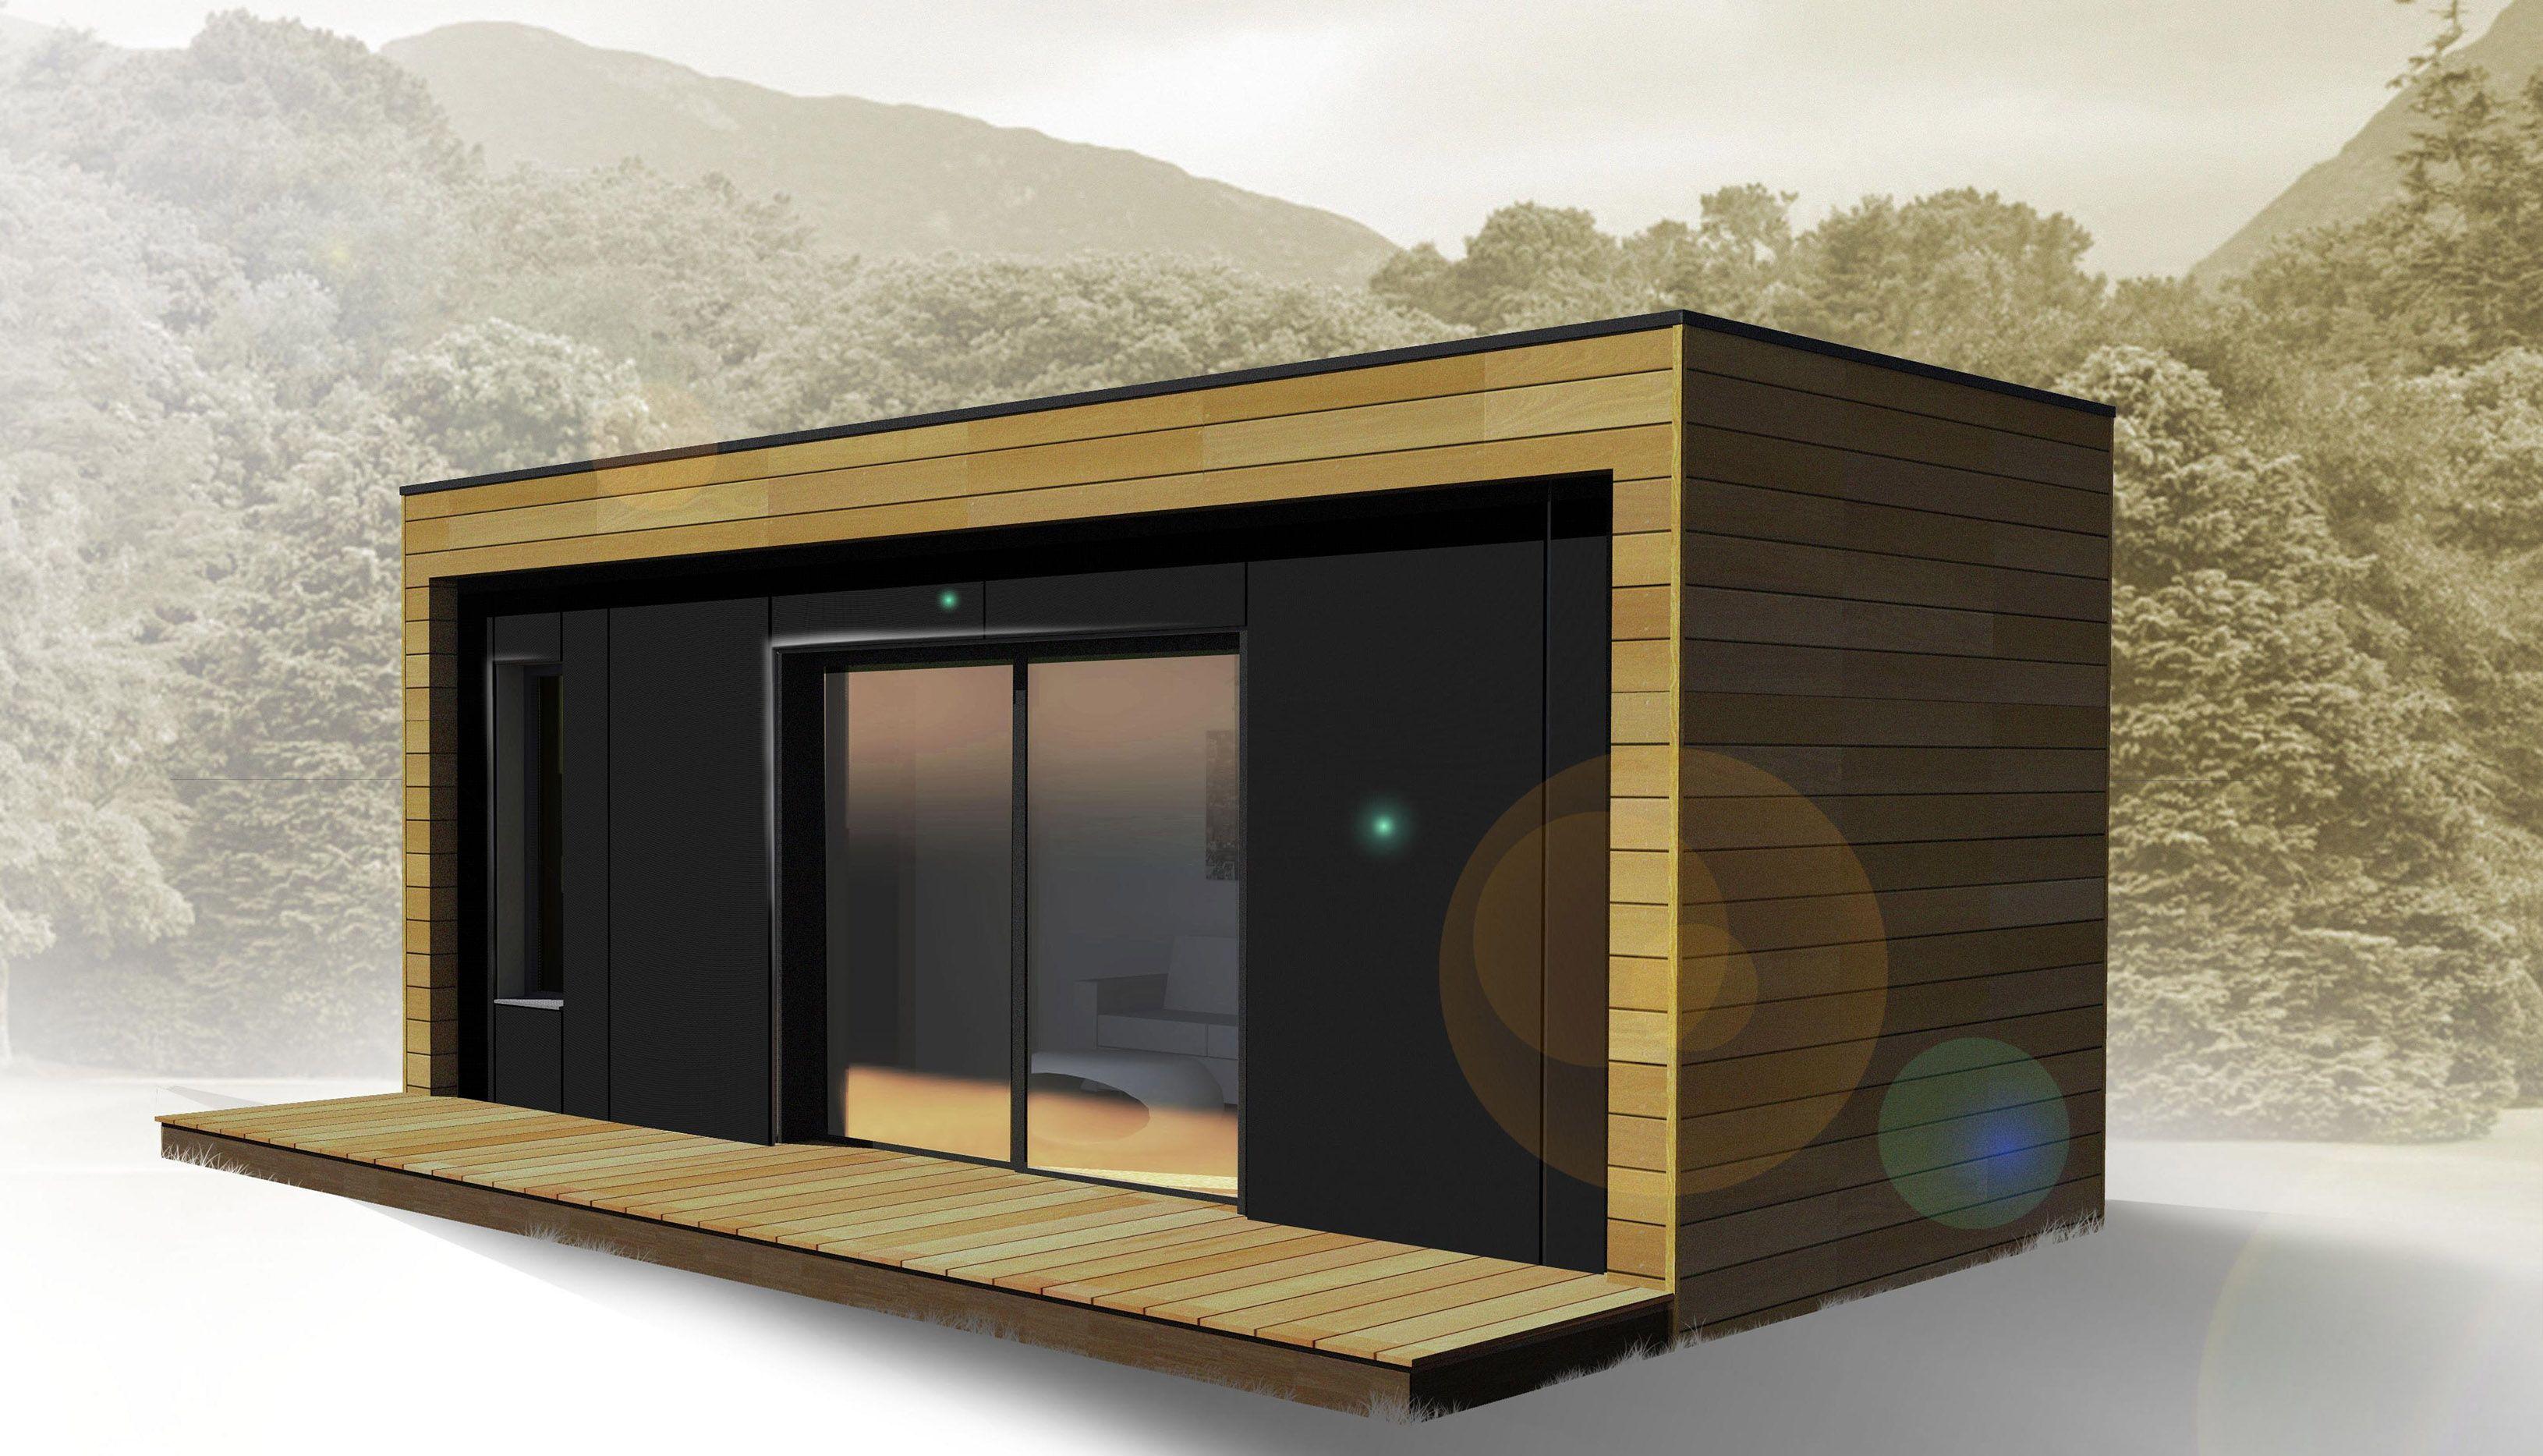 Biloba Concept Propose La Construction En Atelier D Un Studio De Jardin Independant Et De Qualite Livre Clef Plan Abris De Jardin Studio De Jardin Mini Maison